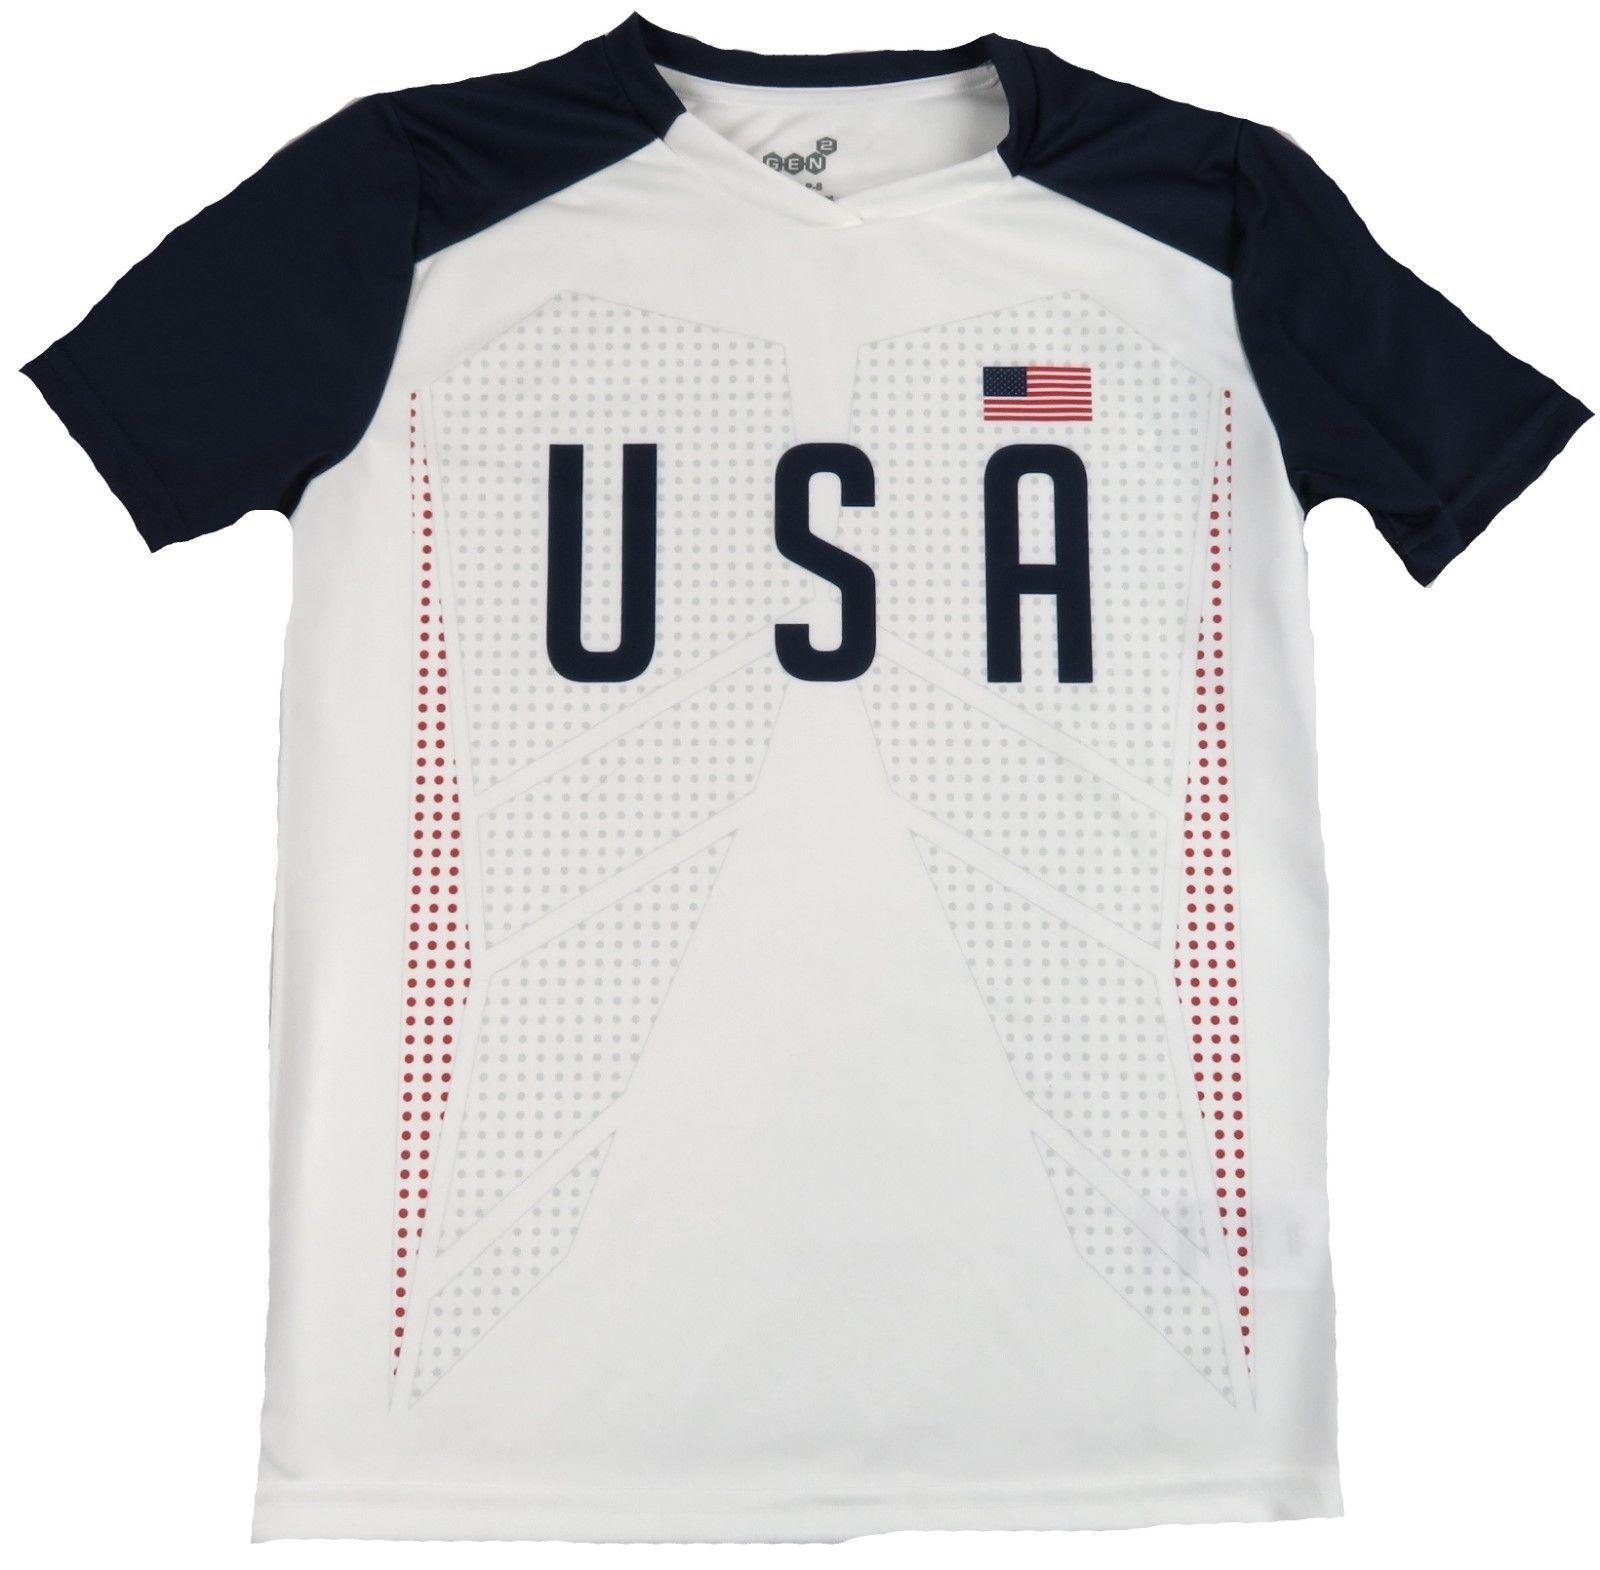 Men's Team USA Federation Soccer Jersey Shirt Performance Tee U.S.A. Adult